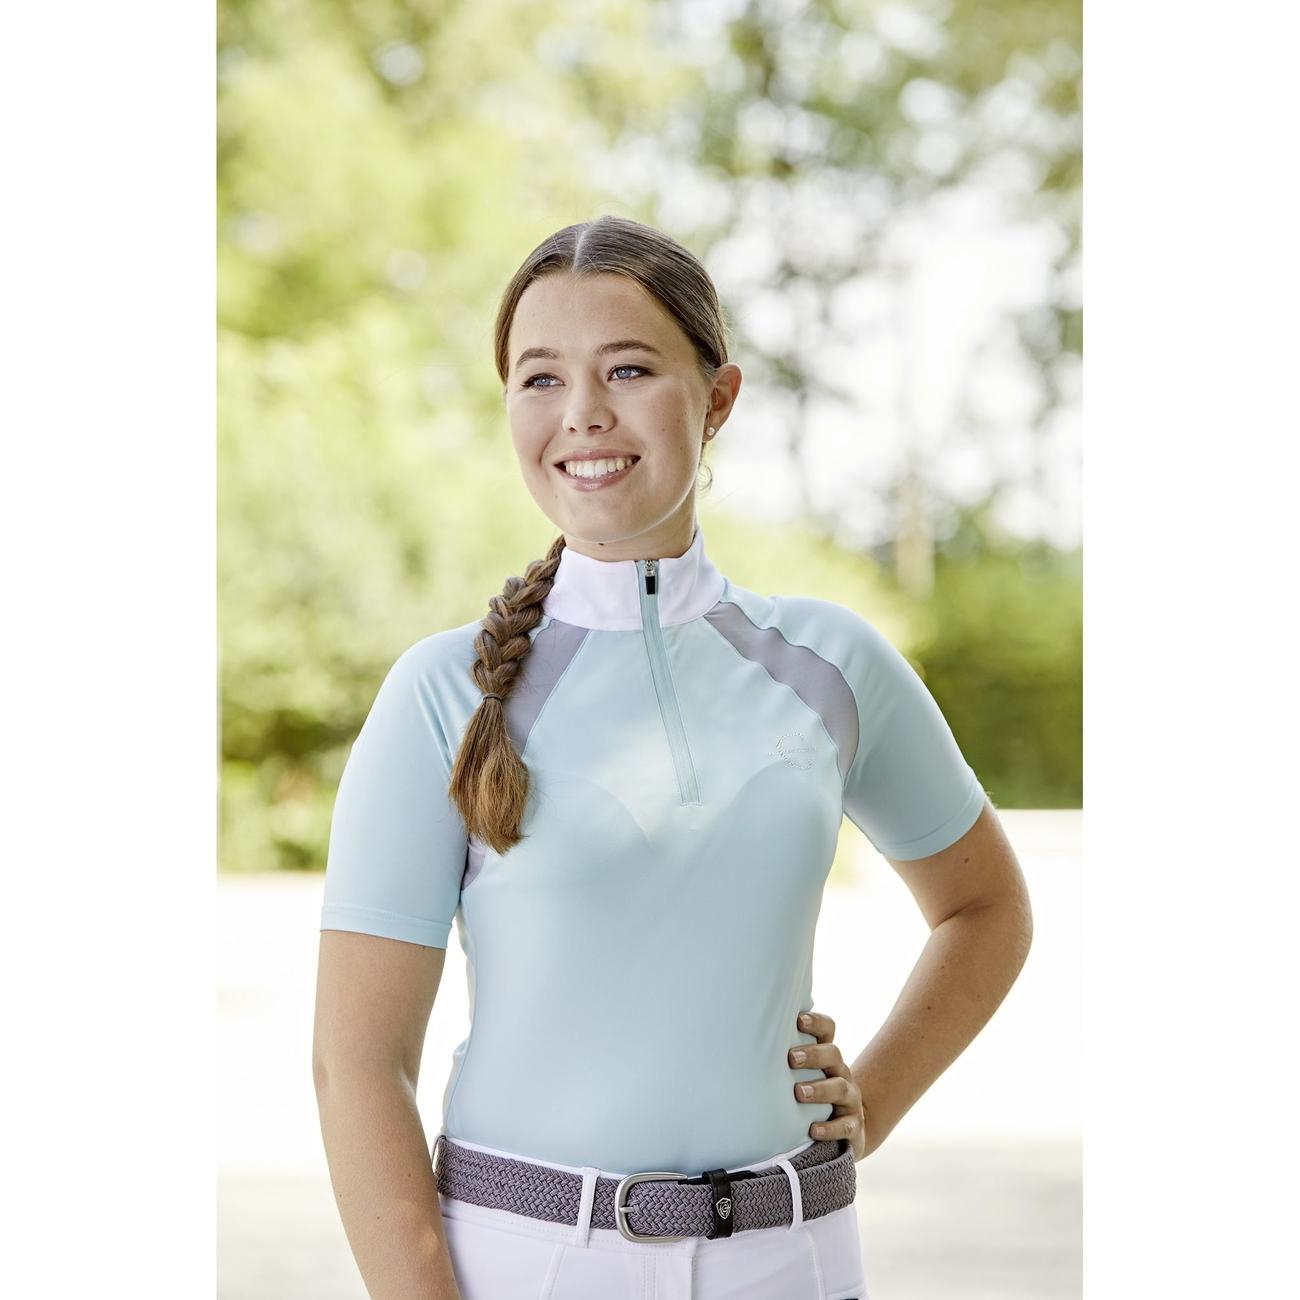 Covalliero Competition Shirt Lani für Kinder und Damen, Bild 9